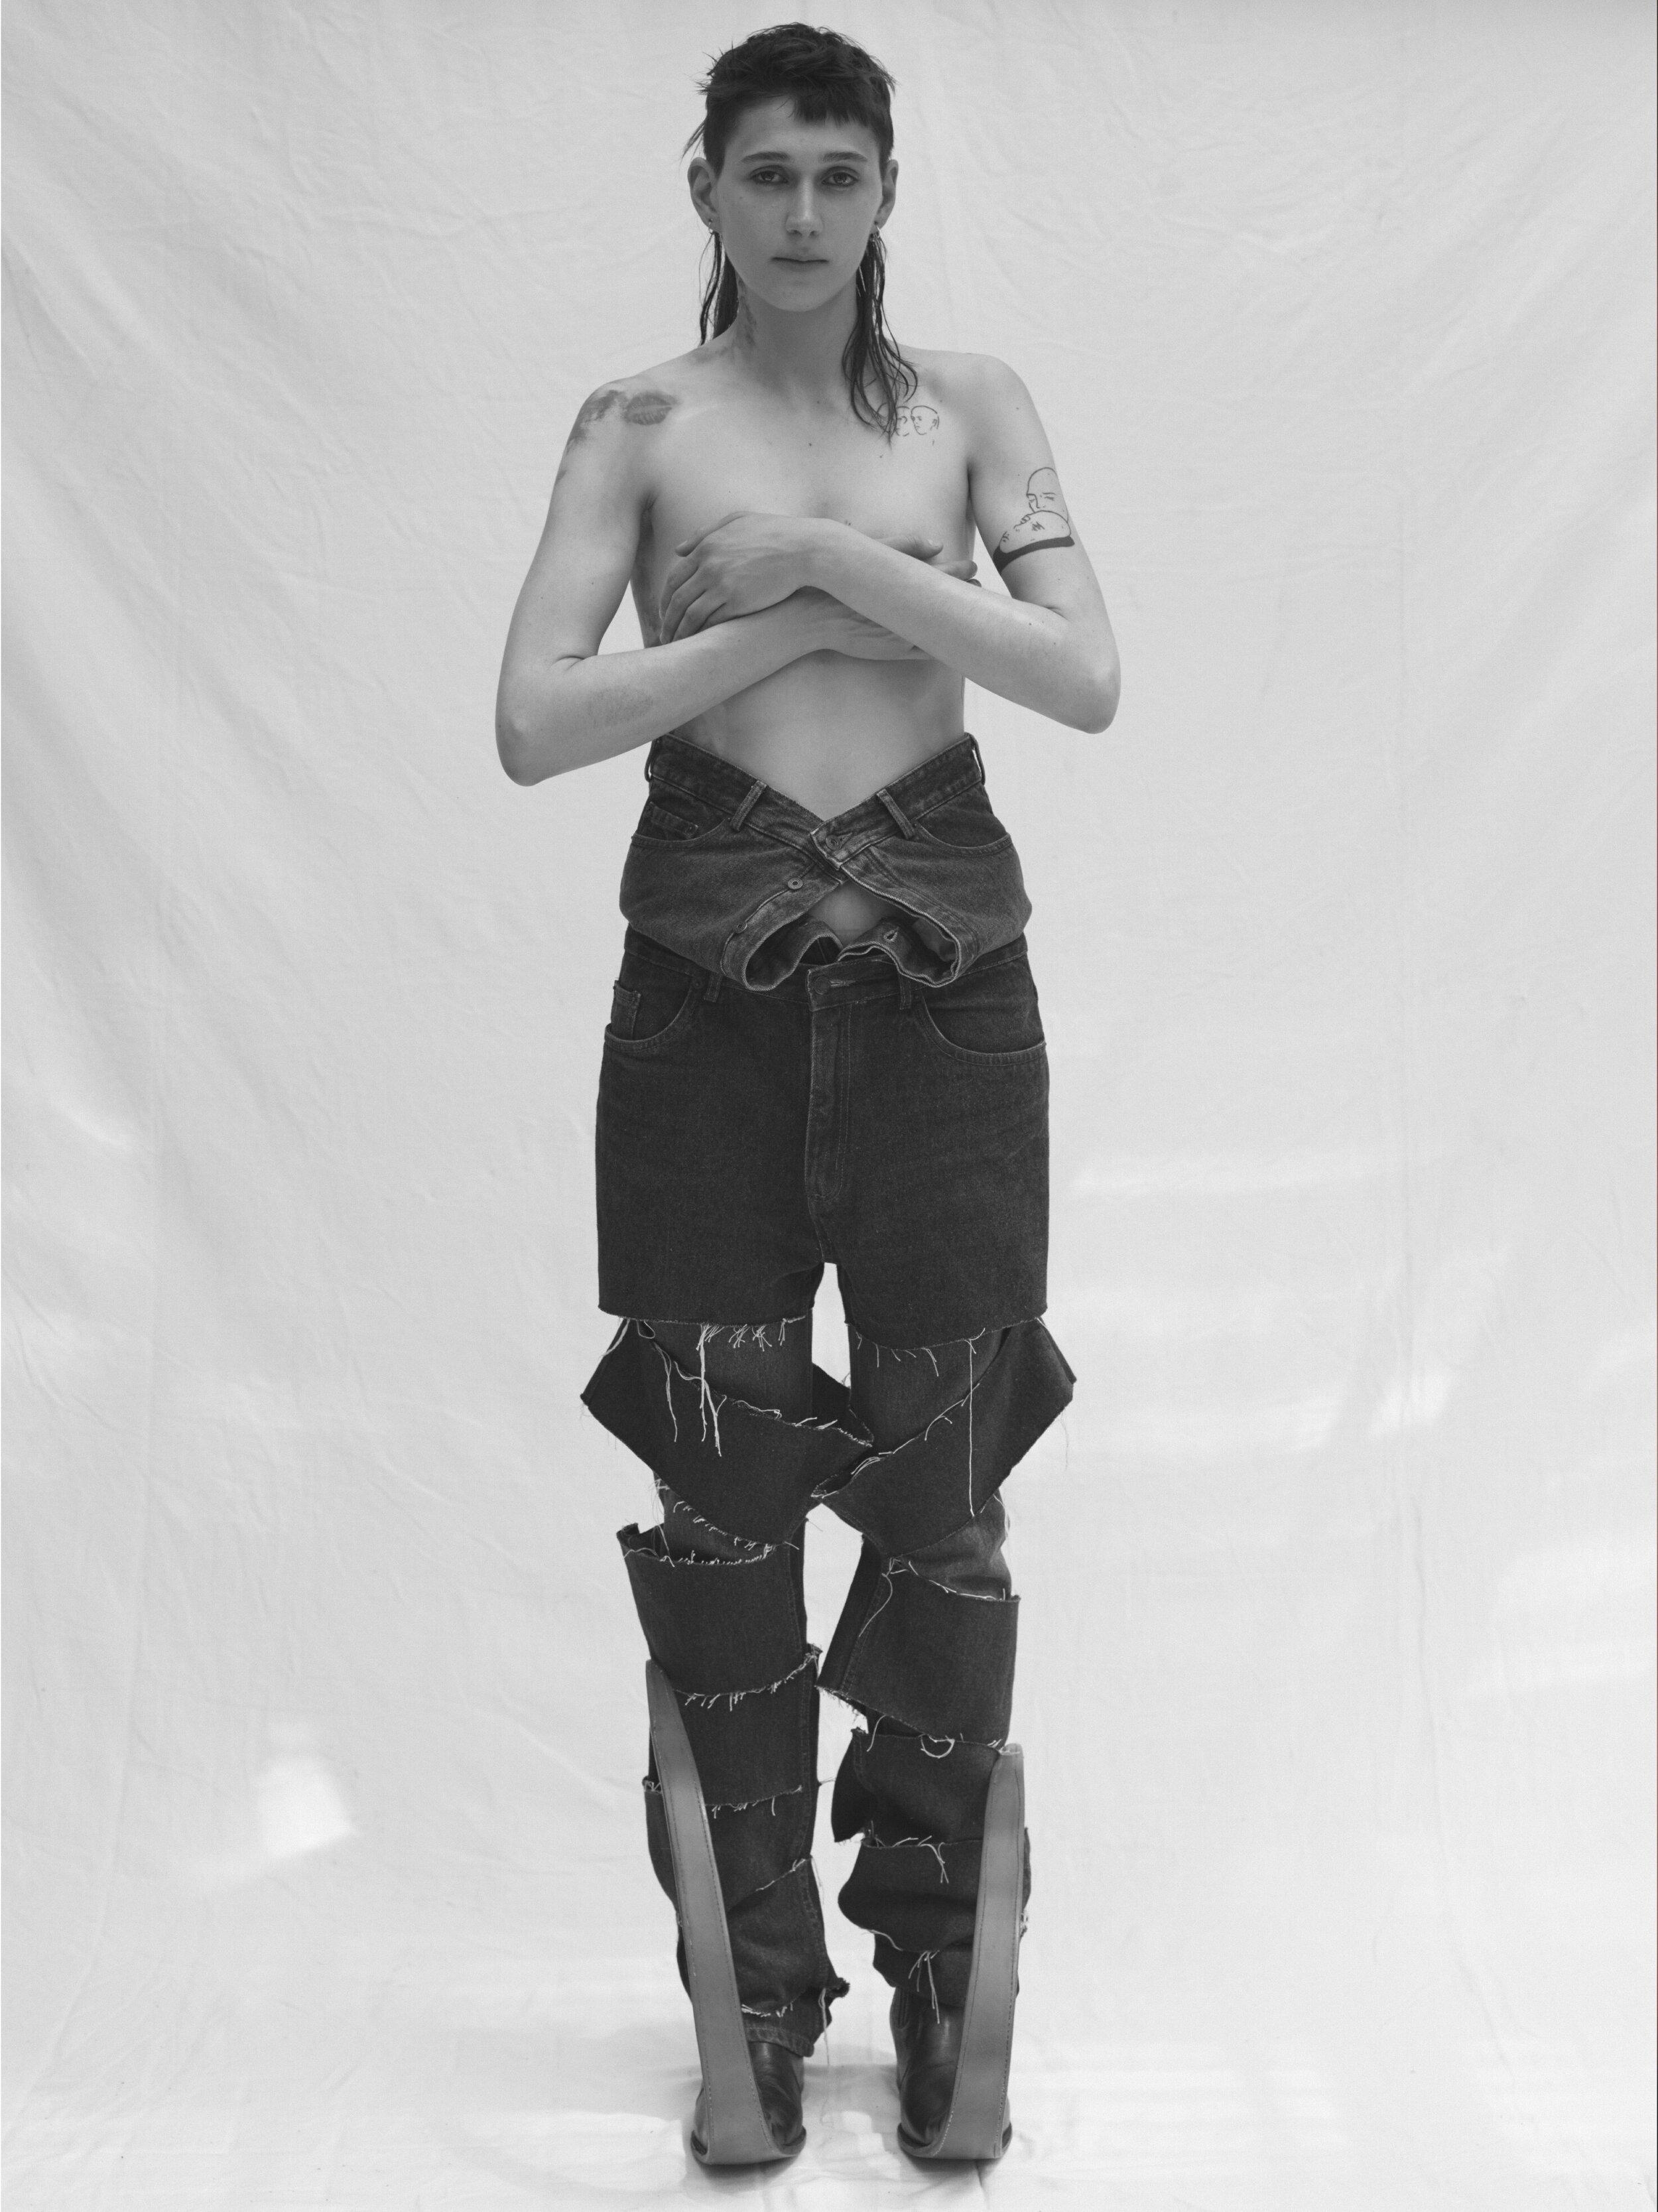 Rudolfs-Packevics-collectiveinteresrt-YvesBorgwardt-InterviewGermany-2019-6.jpeg